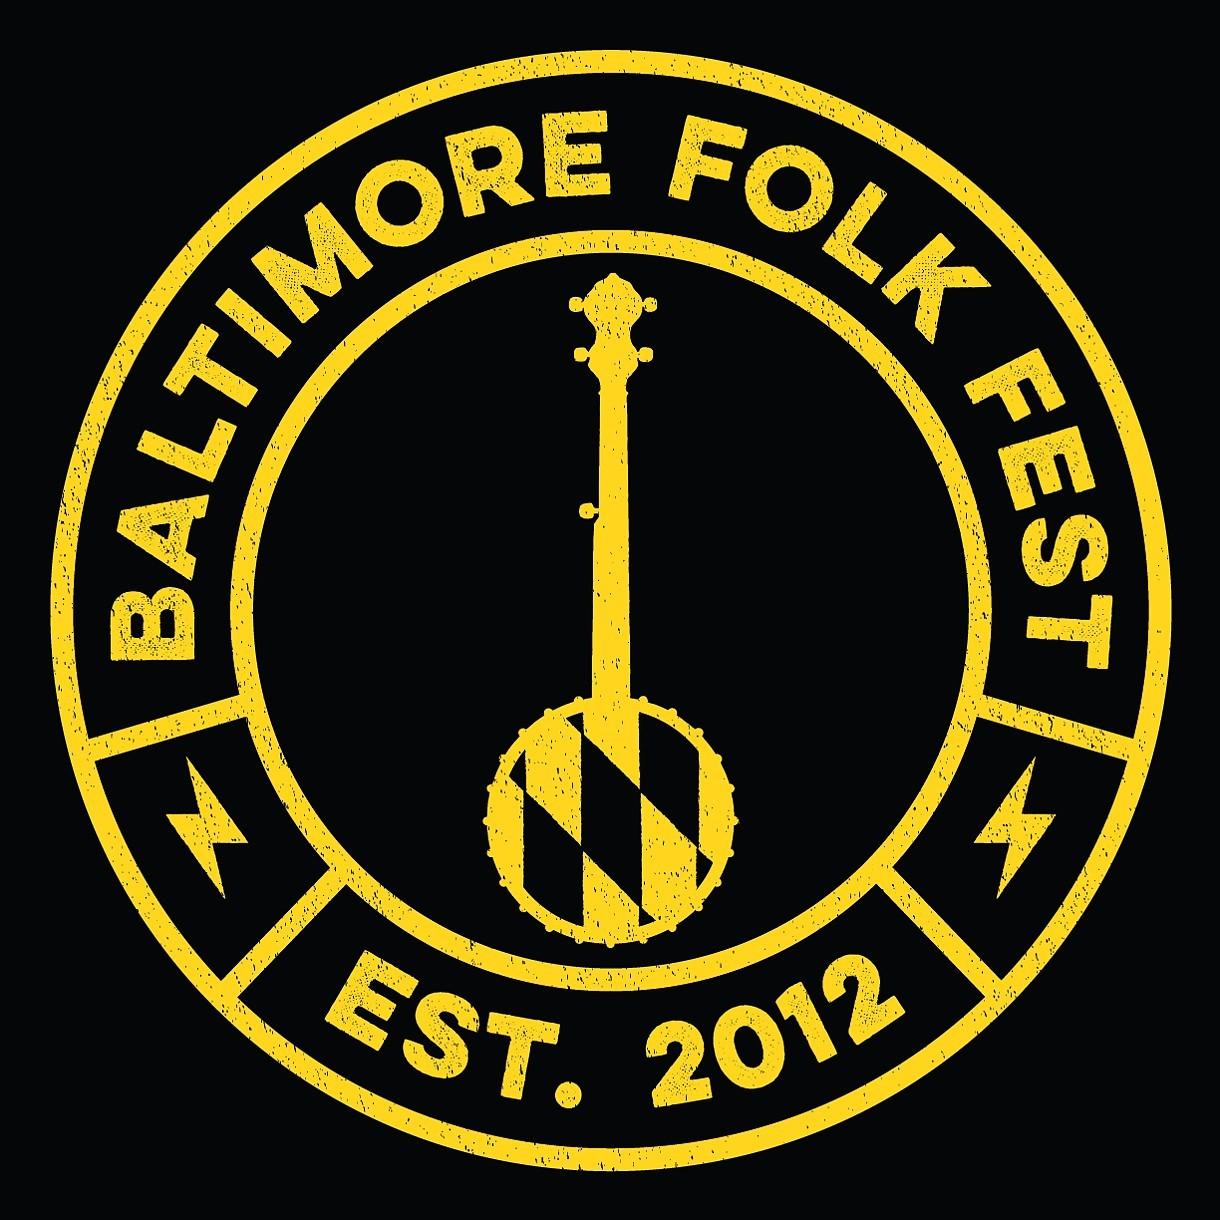 BaltimoreFolk_seal_yellow.jpeg